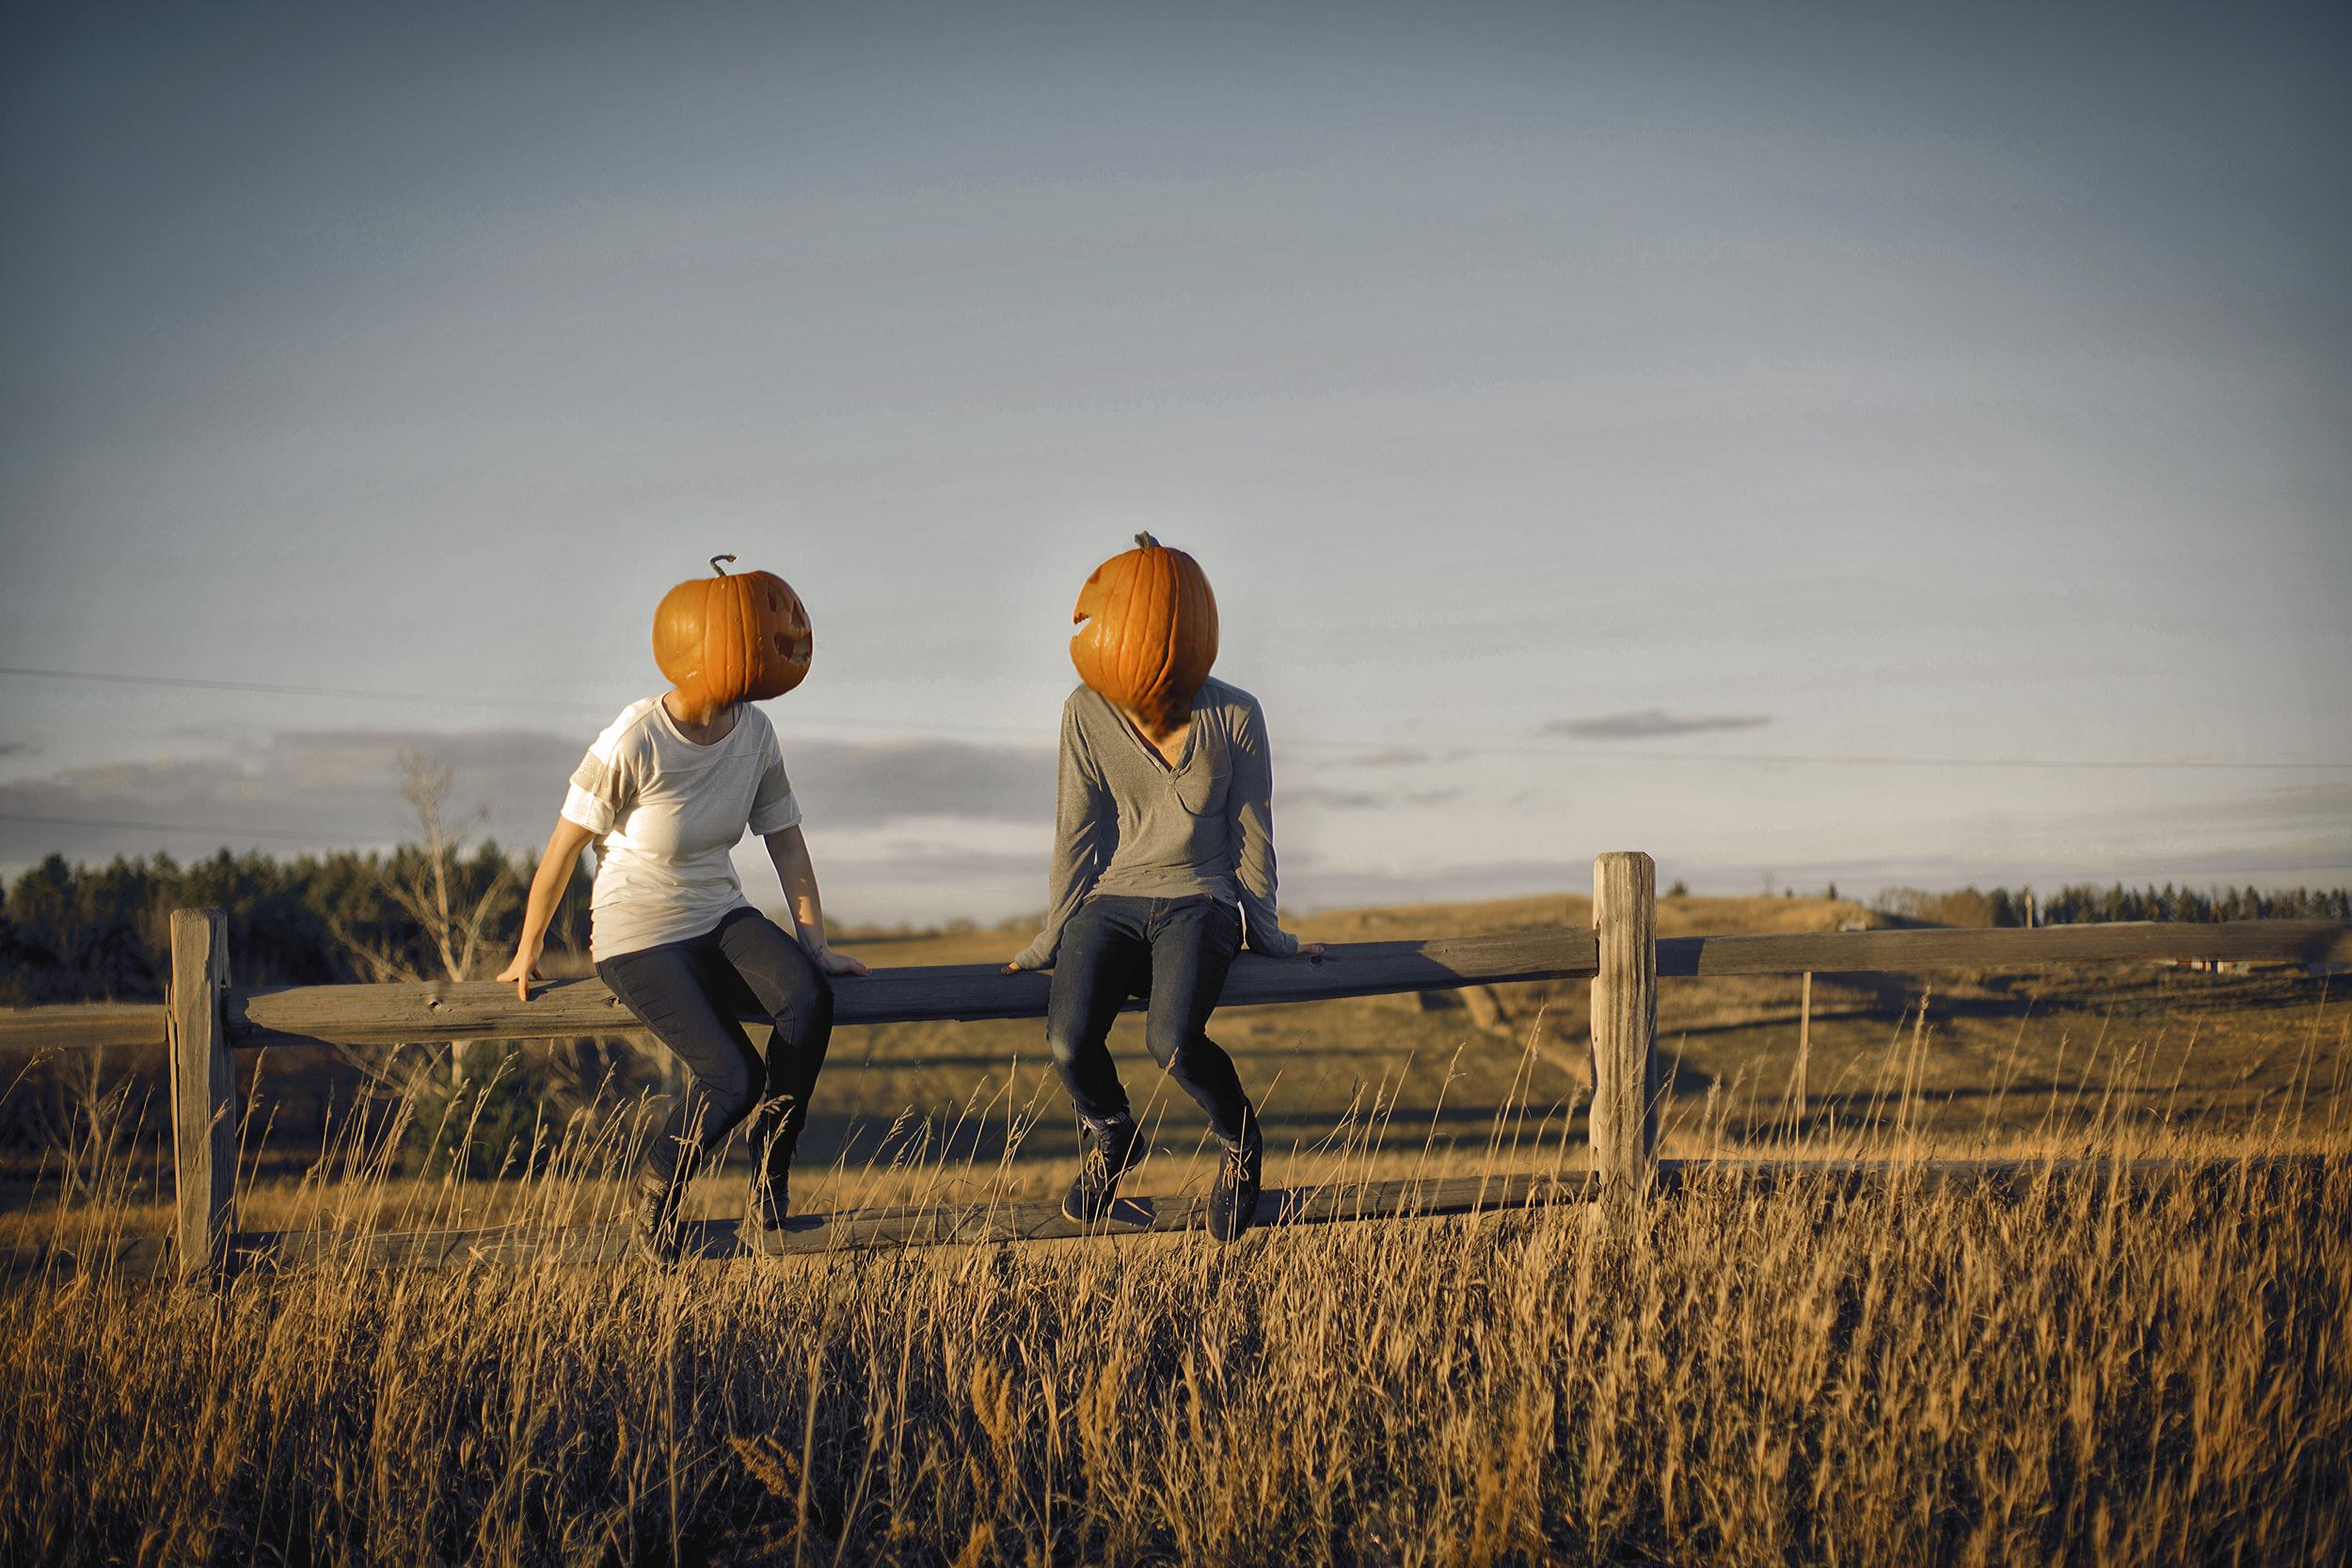 A Casual Conversation Amongst the Pumpkin Heads.